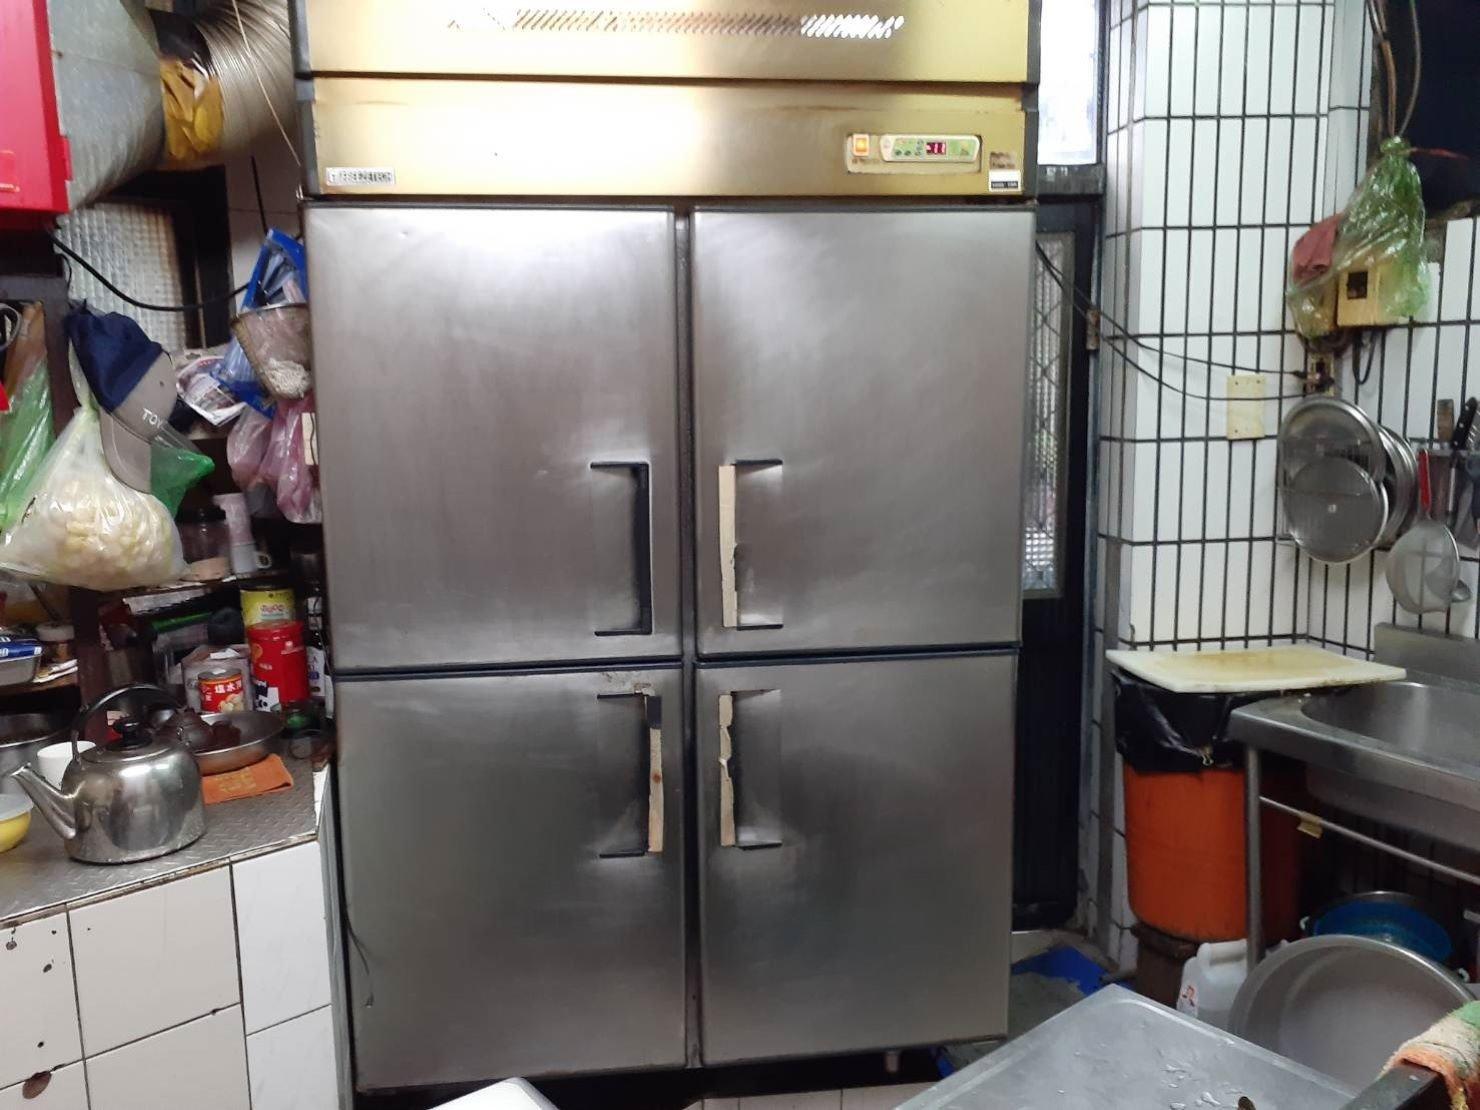 搬營業冰箱【榮福搬家】搬重物口碑第一、台北搬家推薦:營業用4門冰箱,榮福搬家重物組師傅多年搬運經驗及強而有力的雙臂,將它搬運不是問題唷